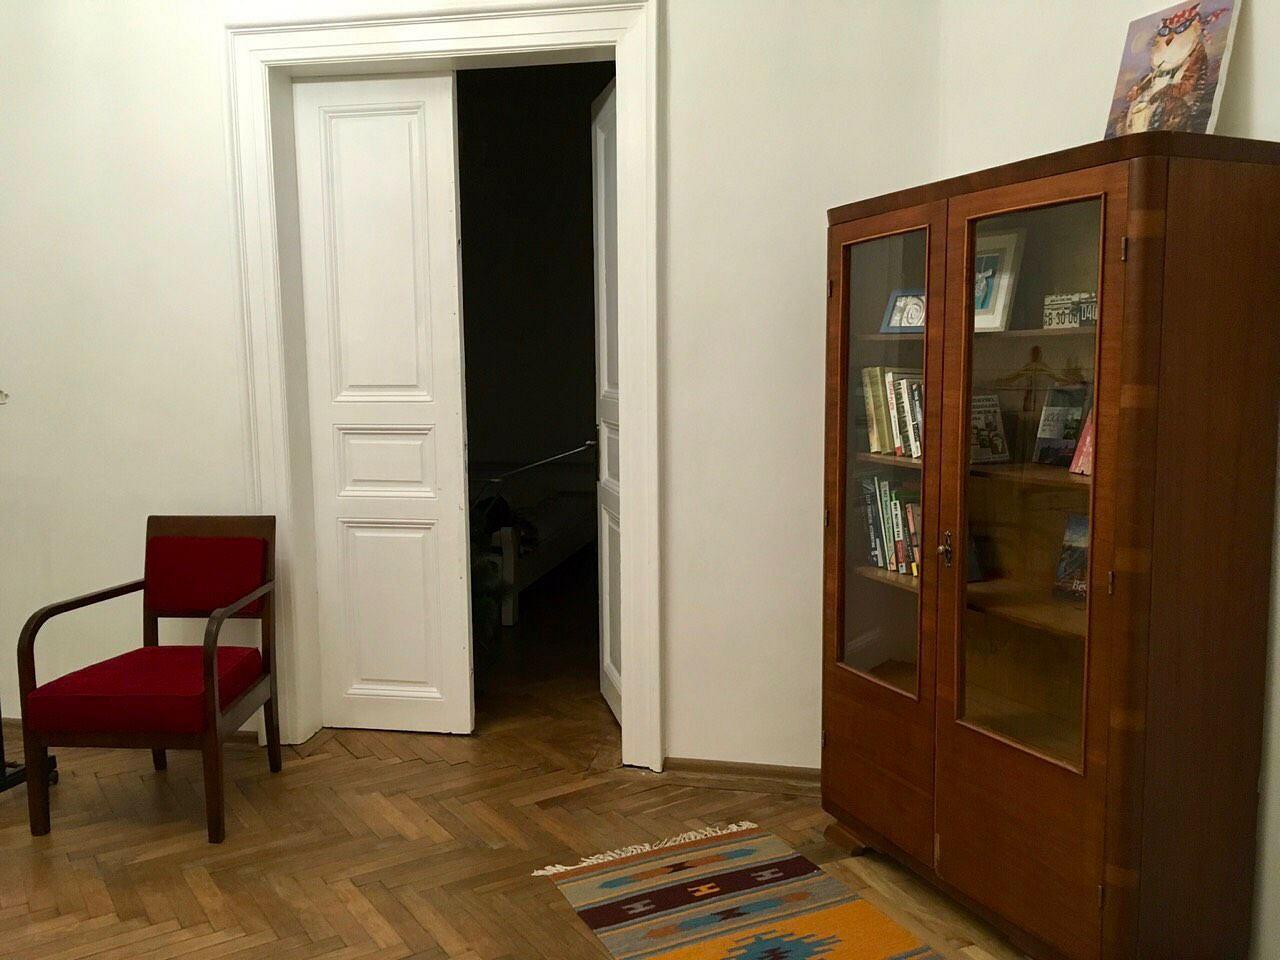 Посуточная аренда квартиры класса люкс, в старину центре Львова (6)